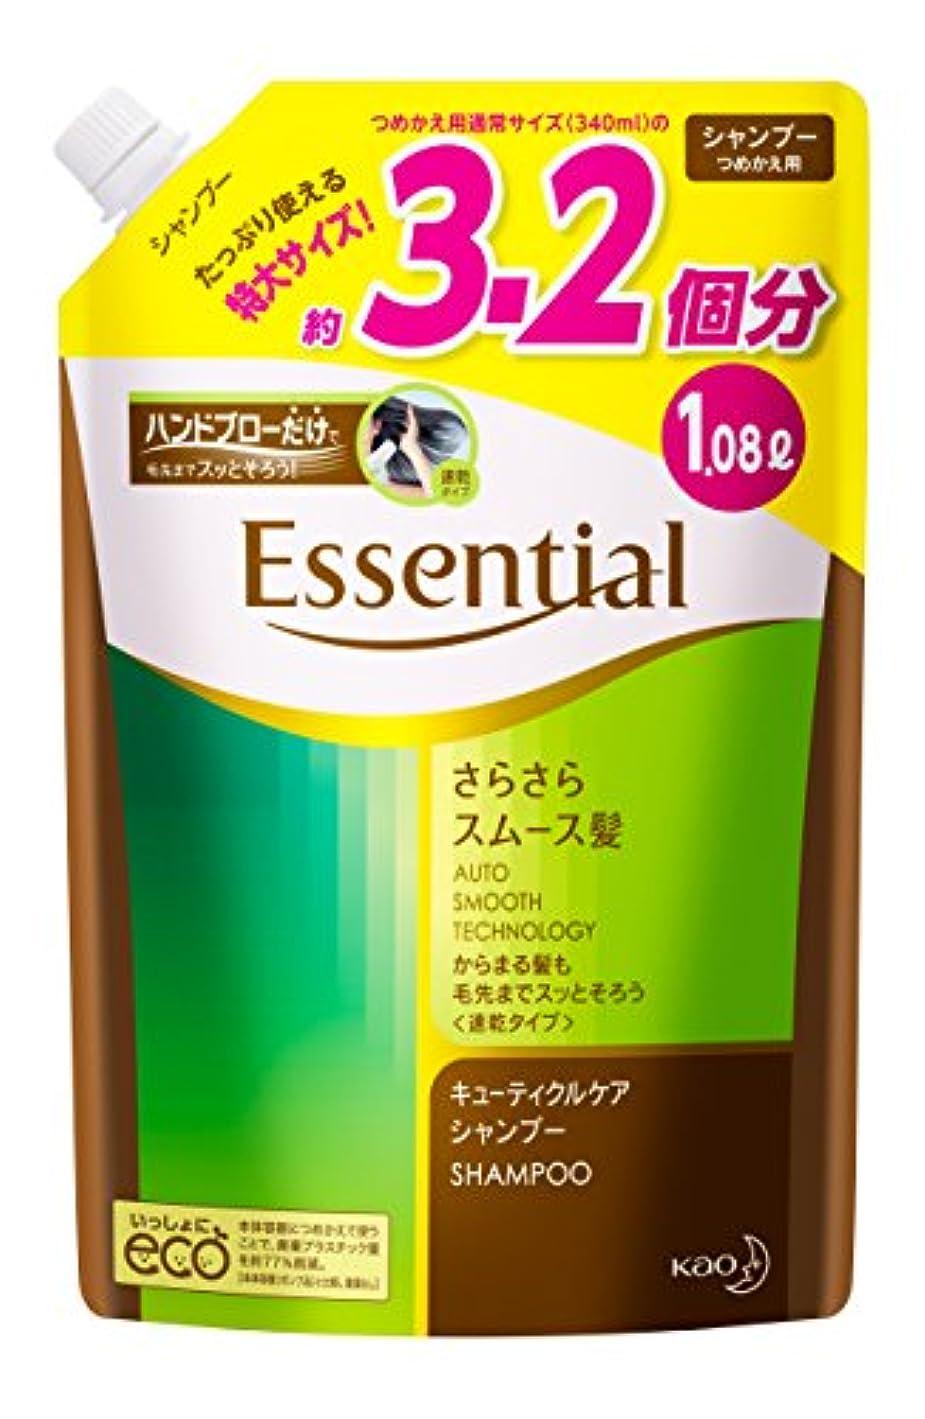 【大容量】エッセンシャル シャンプー さらさらスムース髪 替1080ml/1080ml